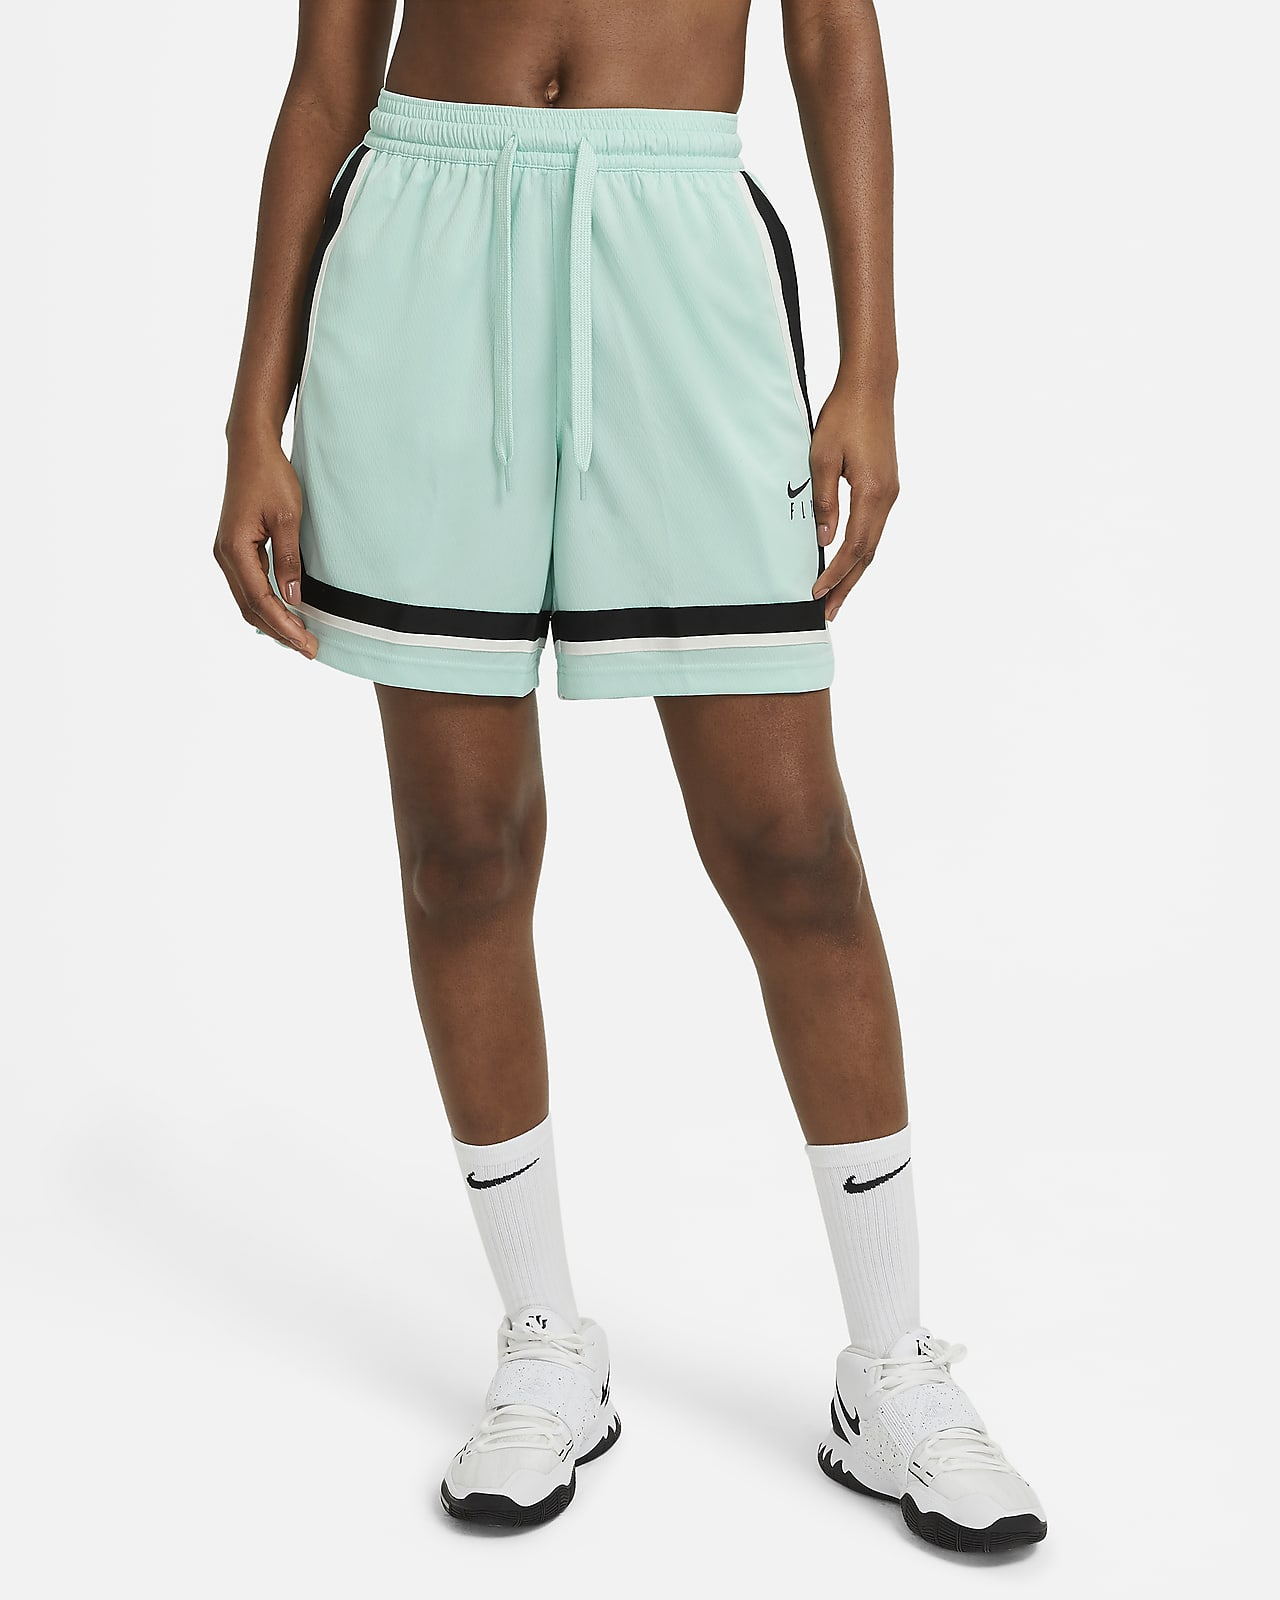 Short de basketball Nike Dri-FIT Swoosh Fly pour Femme